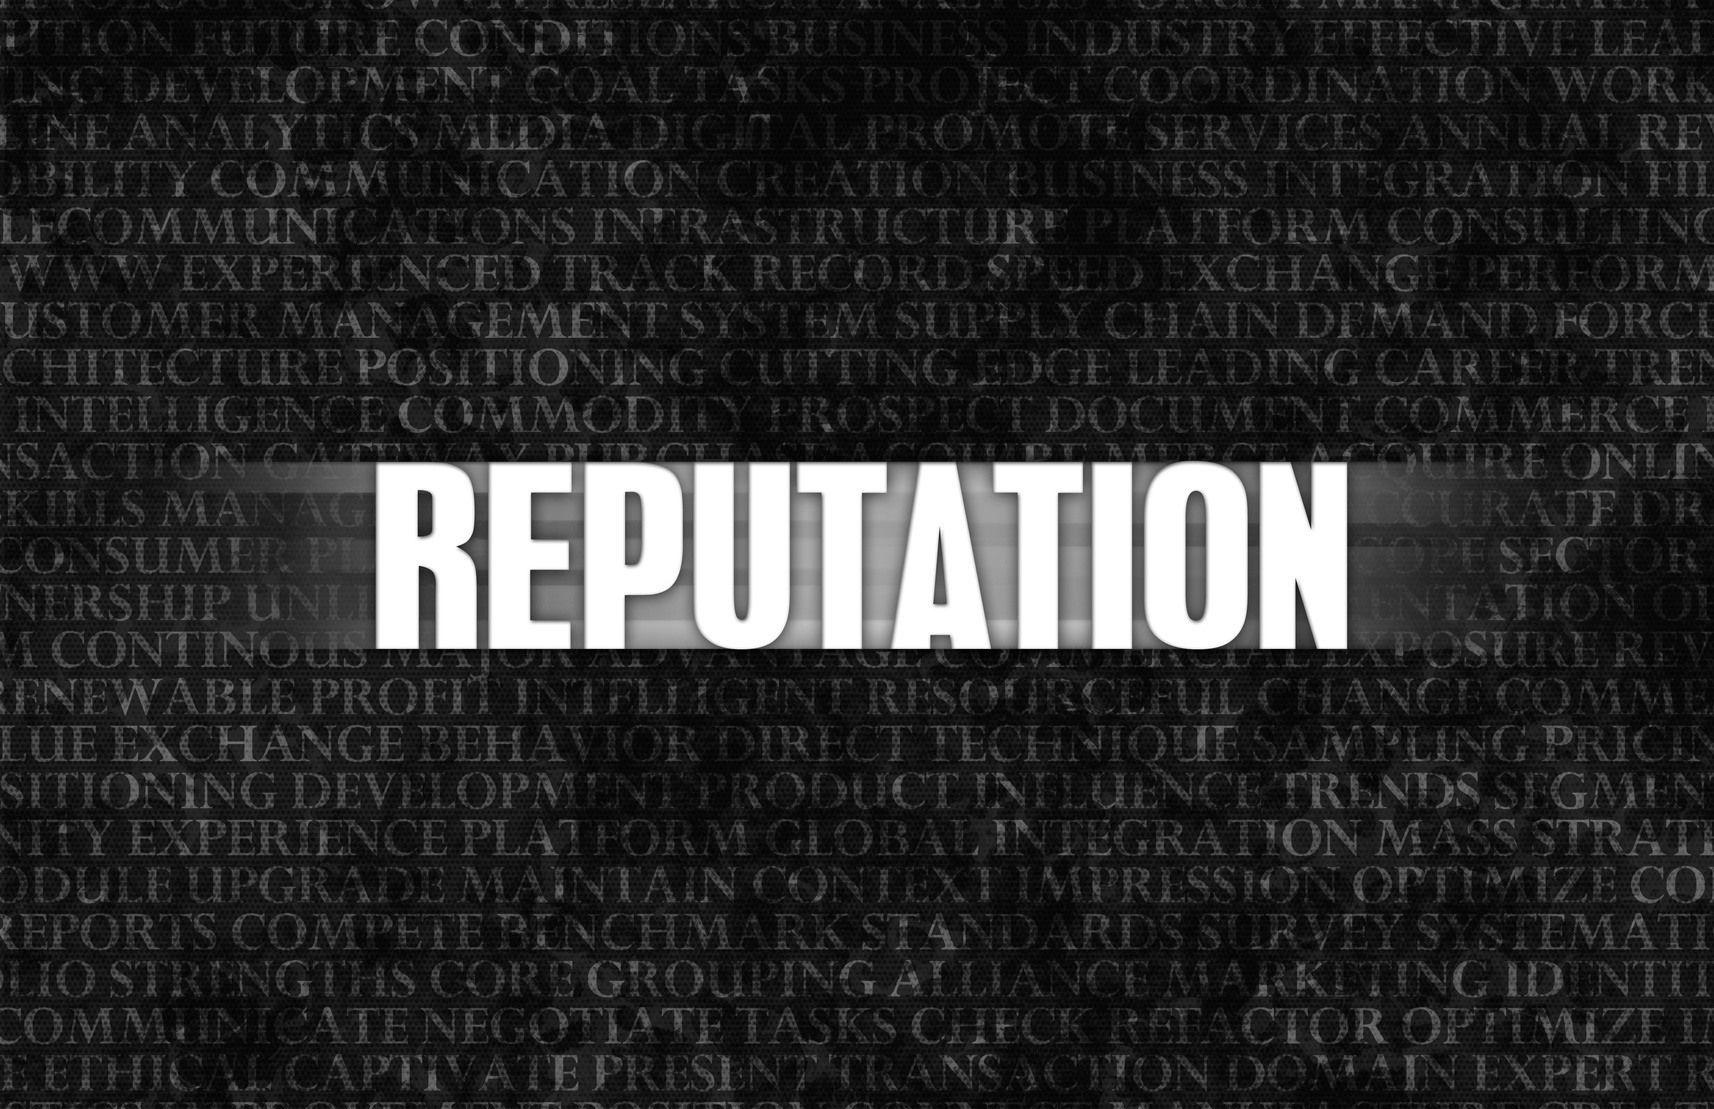 Campañas para mejorar la reputacion